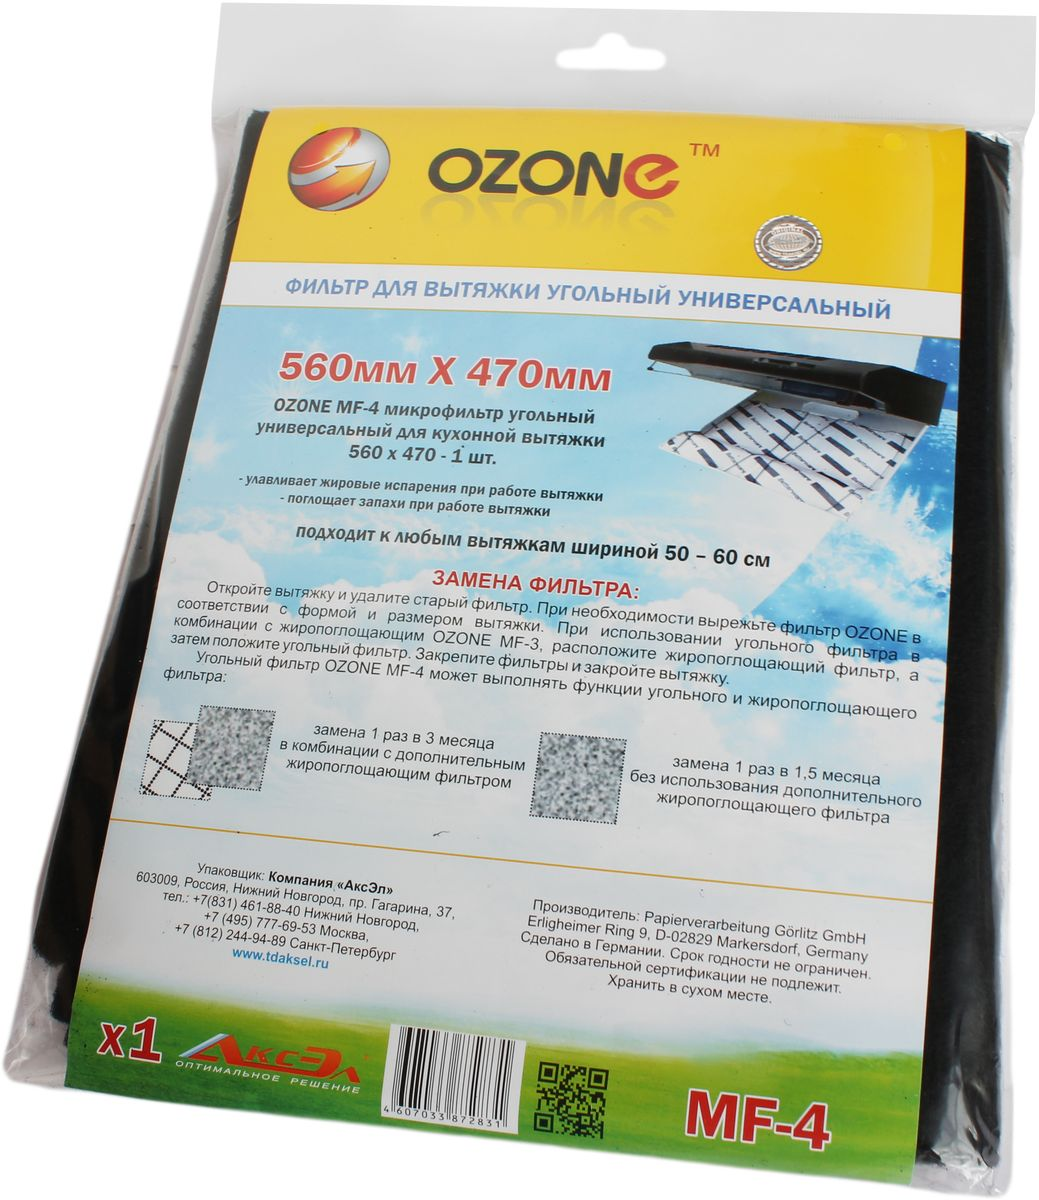 Микрофильтр Ozone MF-4 для вытяжки угольный универсальный цены